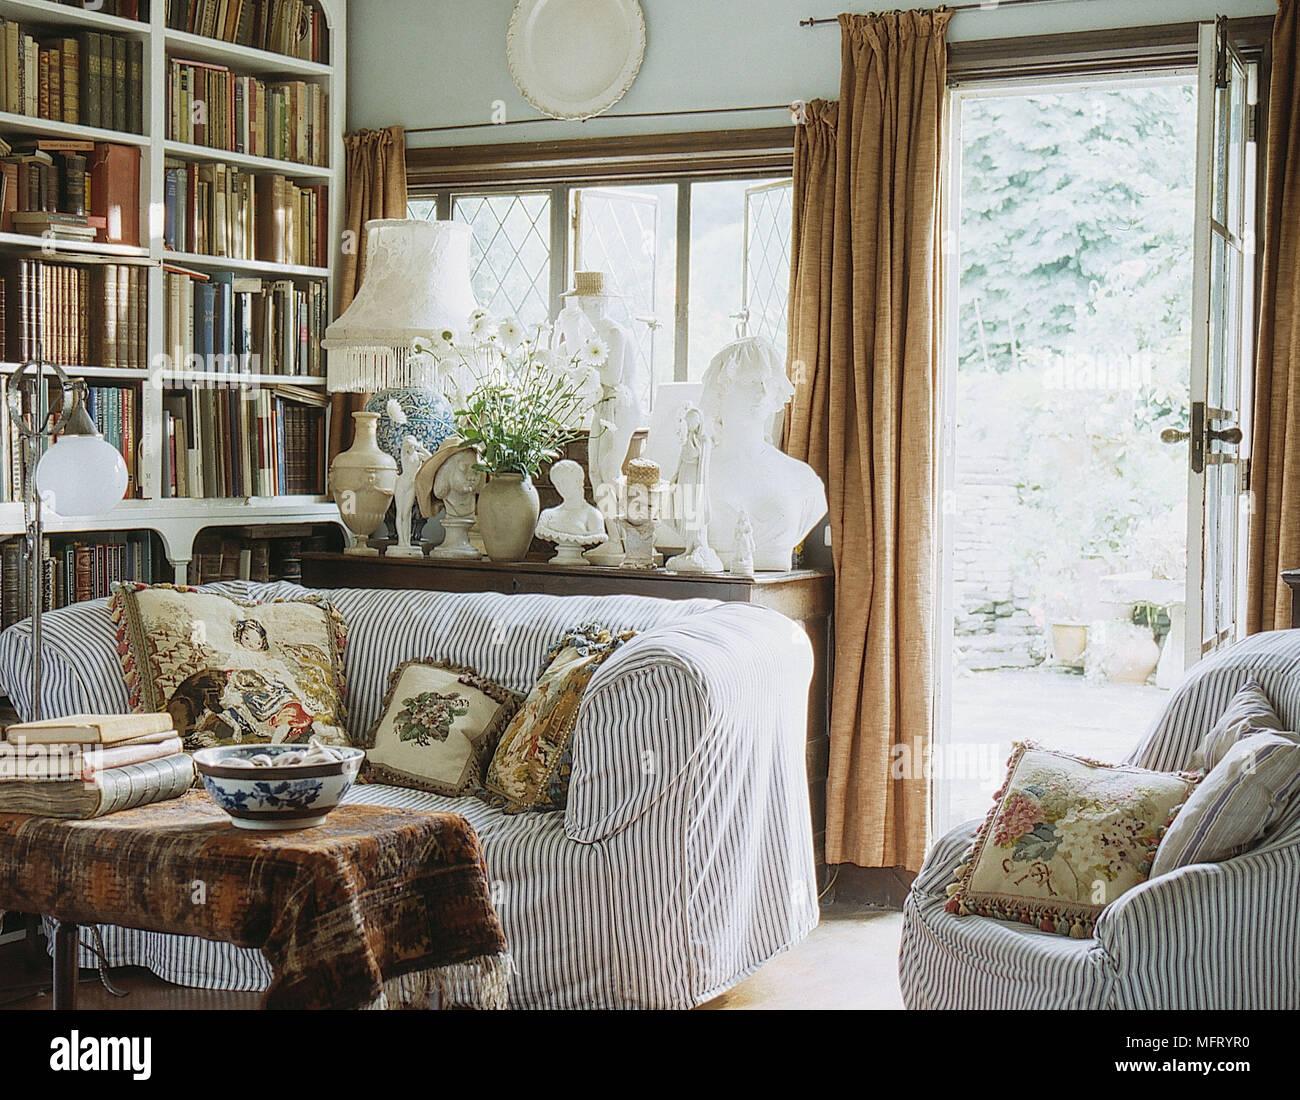 La stanza di seduta scaffale libri divano con tessuto a - Finestra con seduta ...